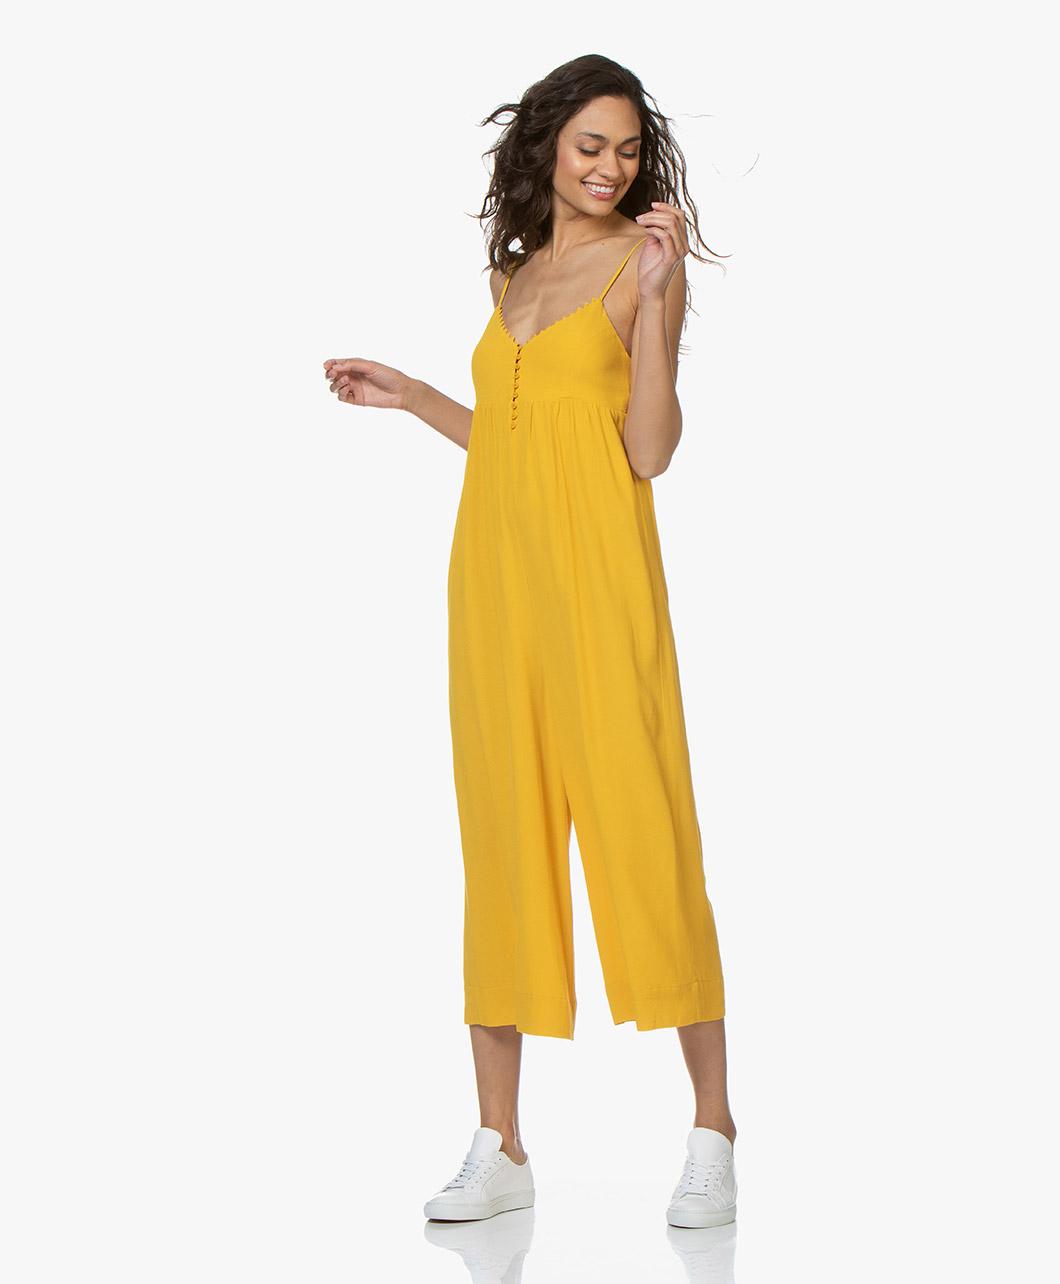 Afbeelding van ba&sh Jumpsuit Yellow Amber Fever Mouwloze Cropped